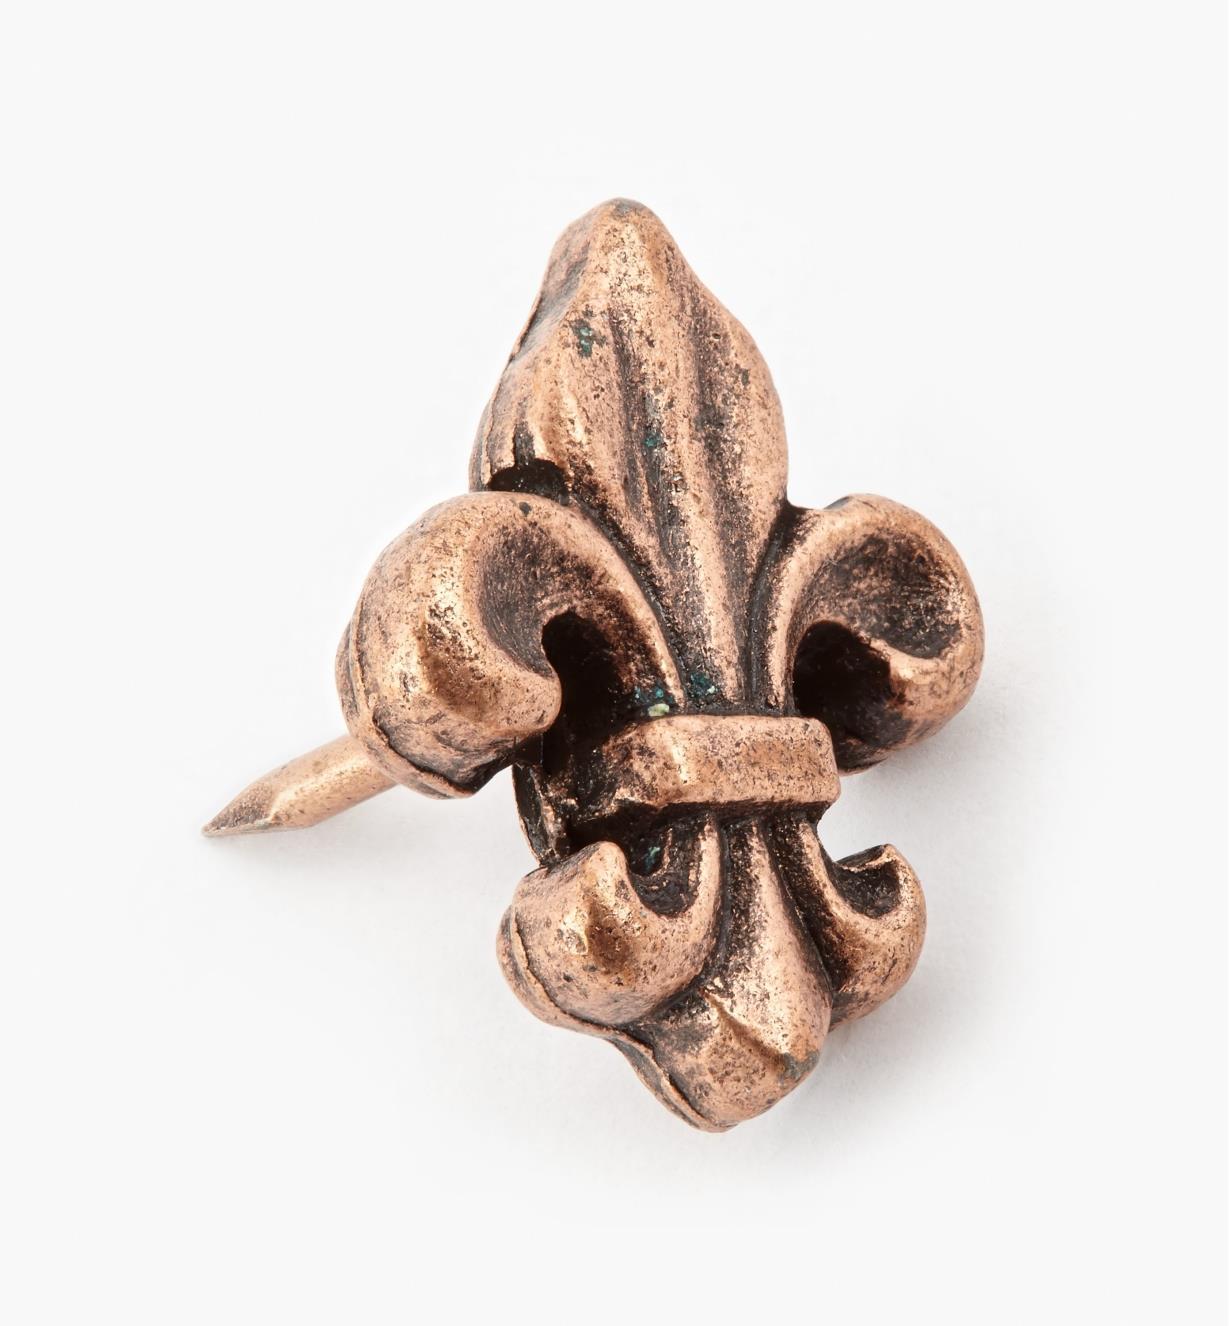 00T0955 - Clou décoratif en fleur de lys, fini cuivre antique, 3/4 po x 1/2 po, l'unité